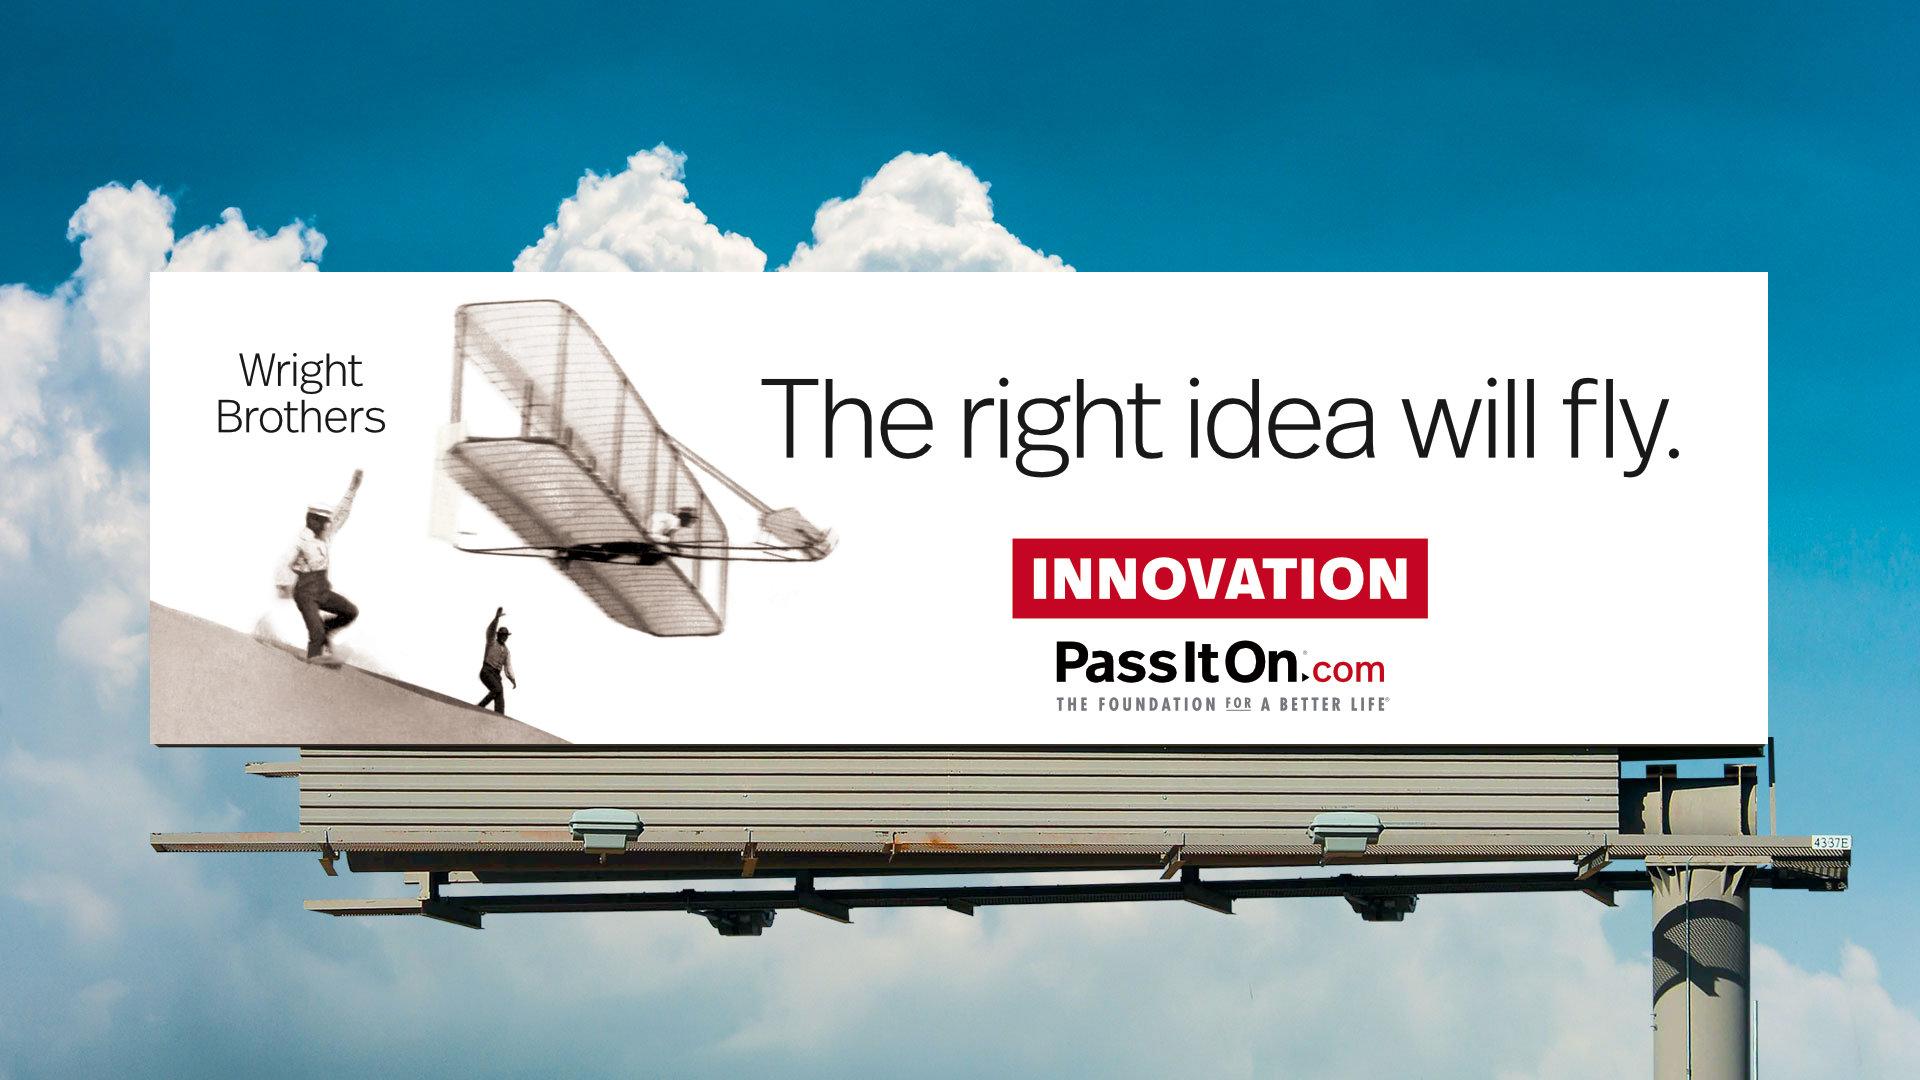 The right idea will fly